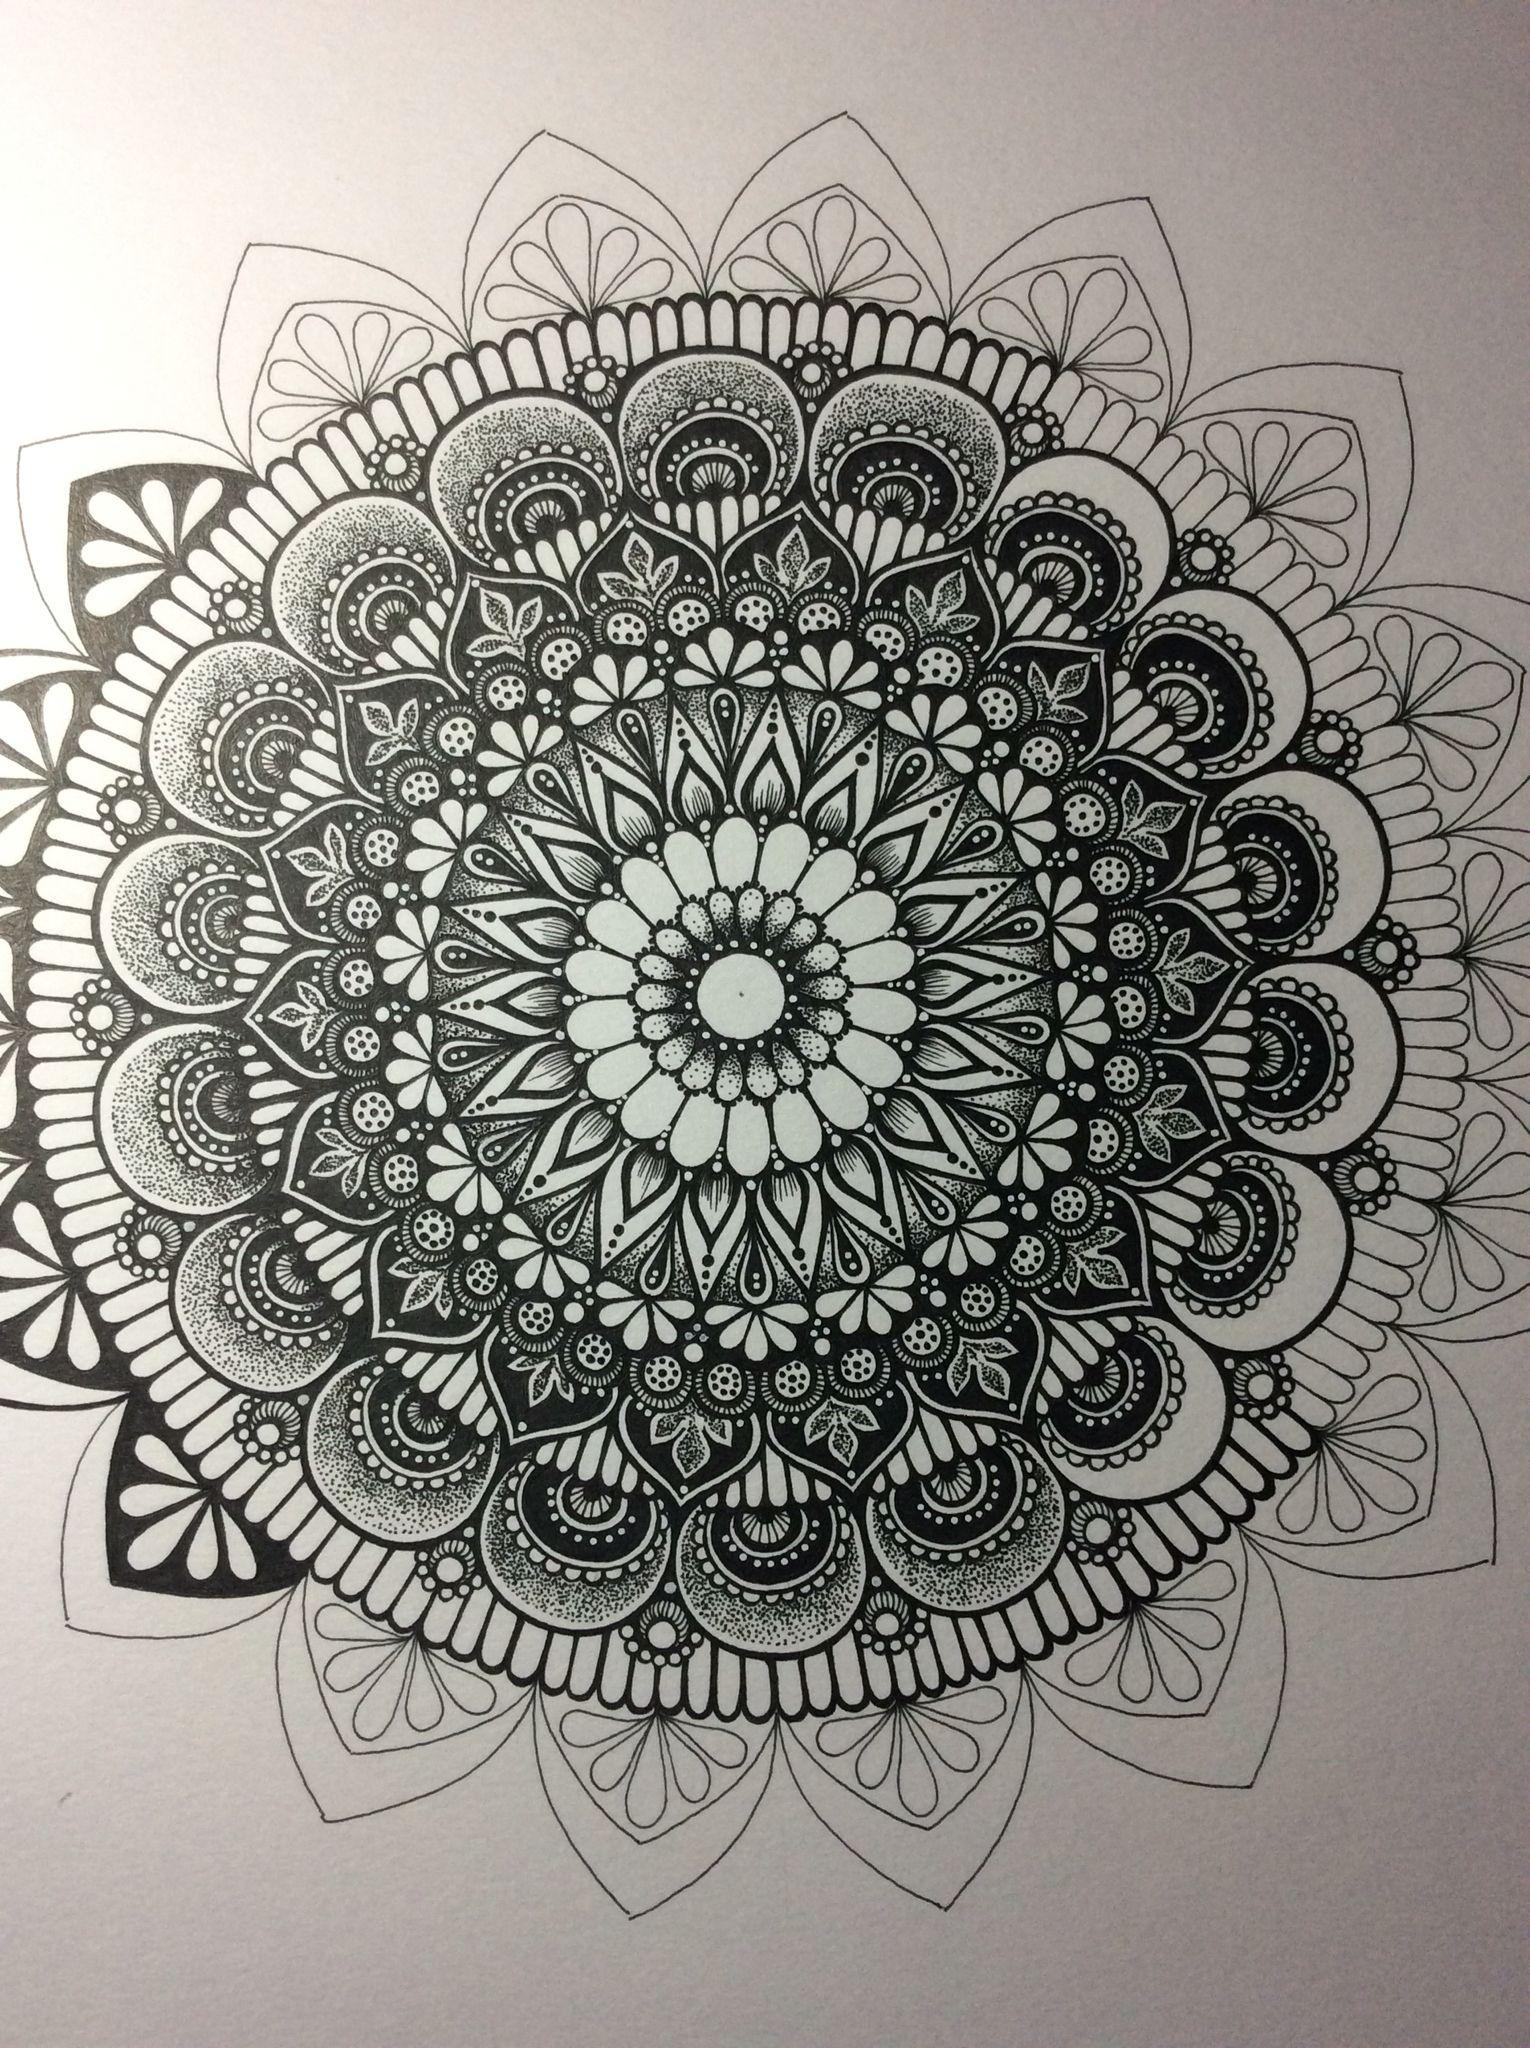 Pin By Andy Echeverriaga On Mandala Lace Mandala Design Art Mandala Drawing Mandala Artwork